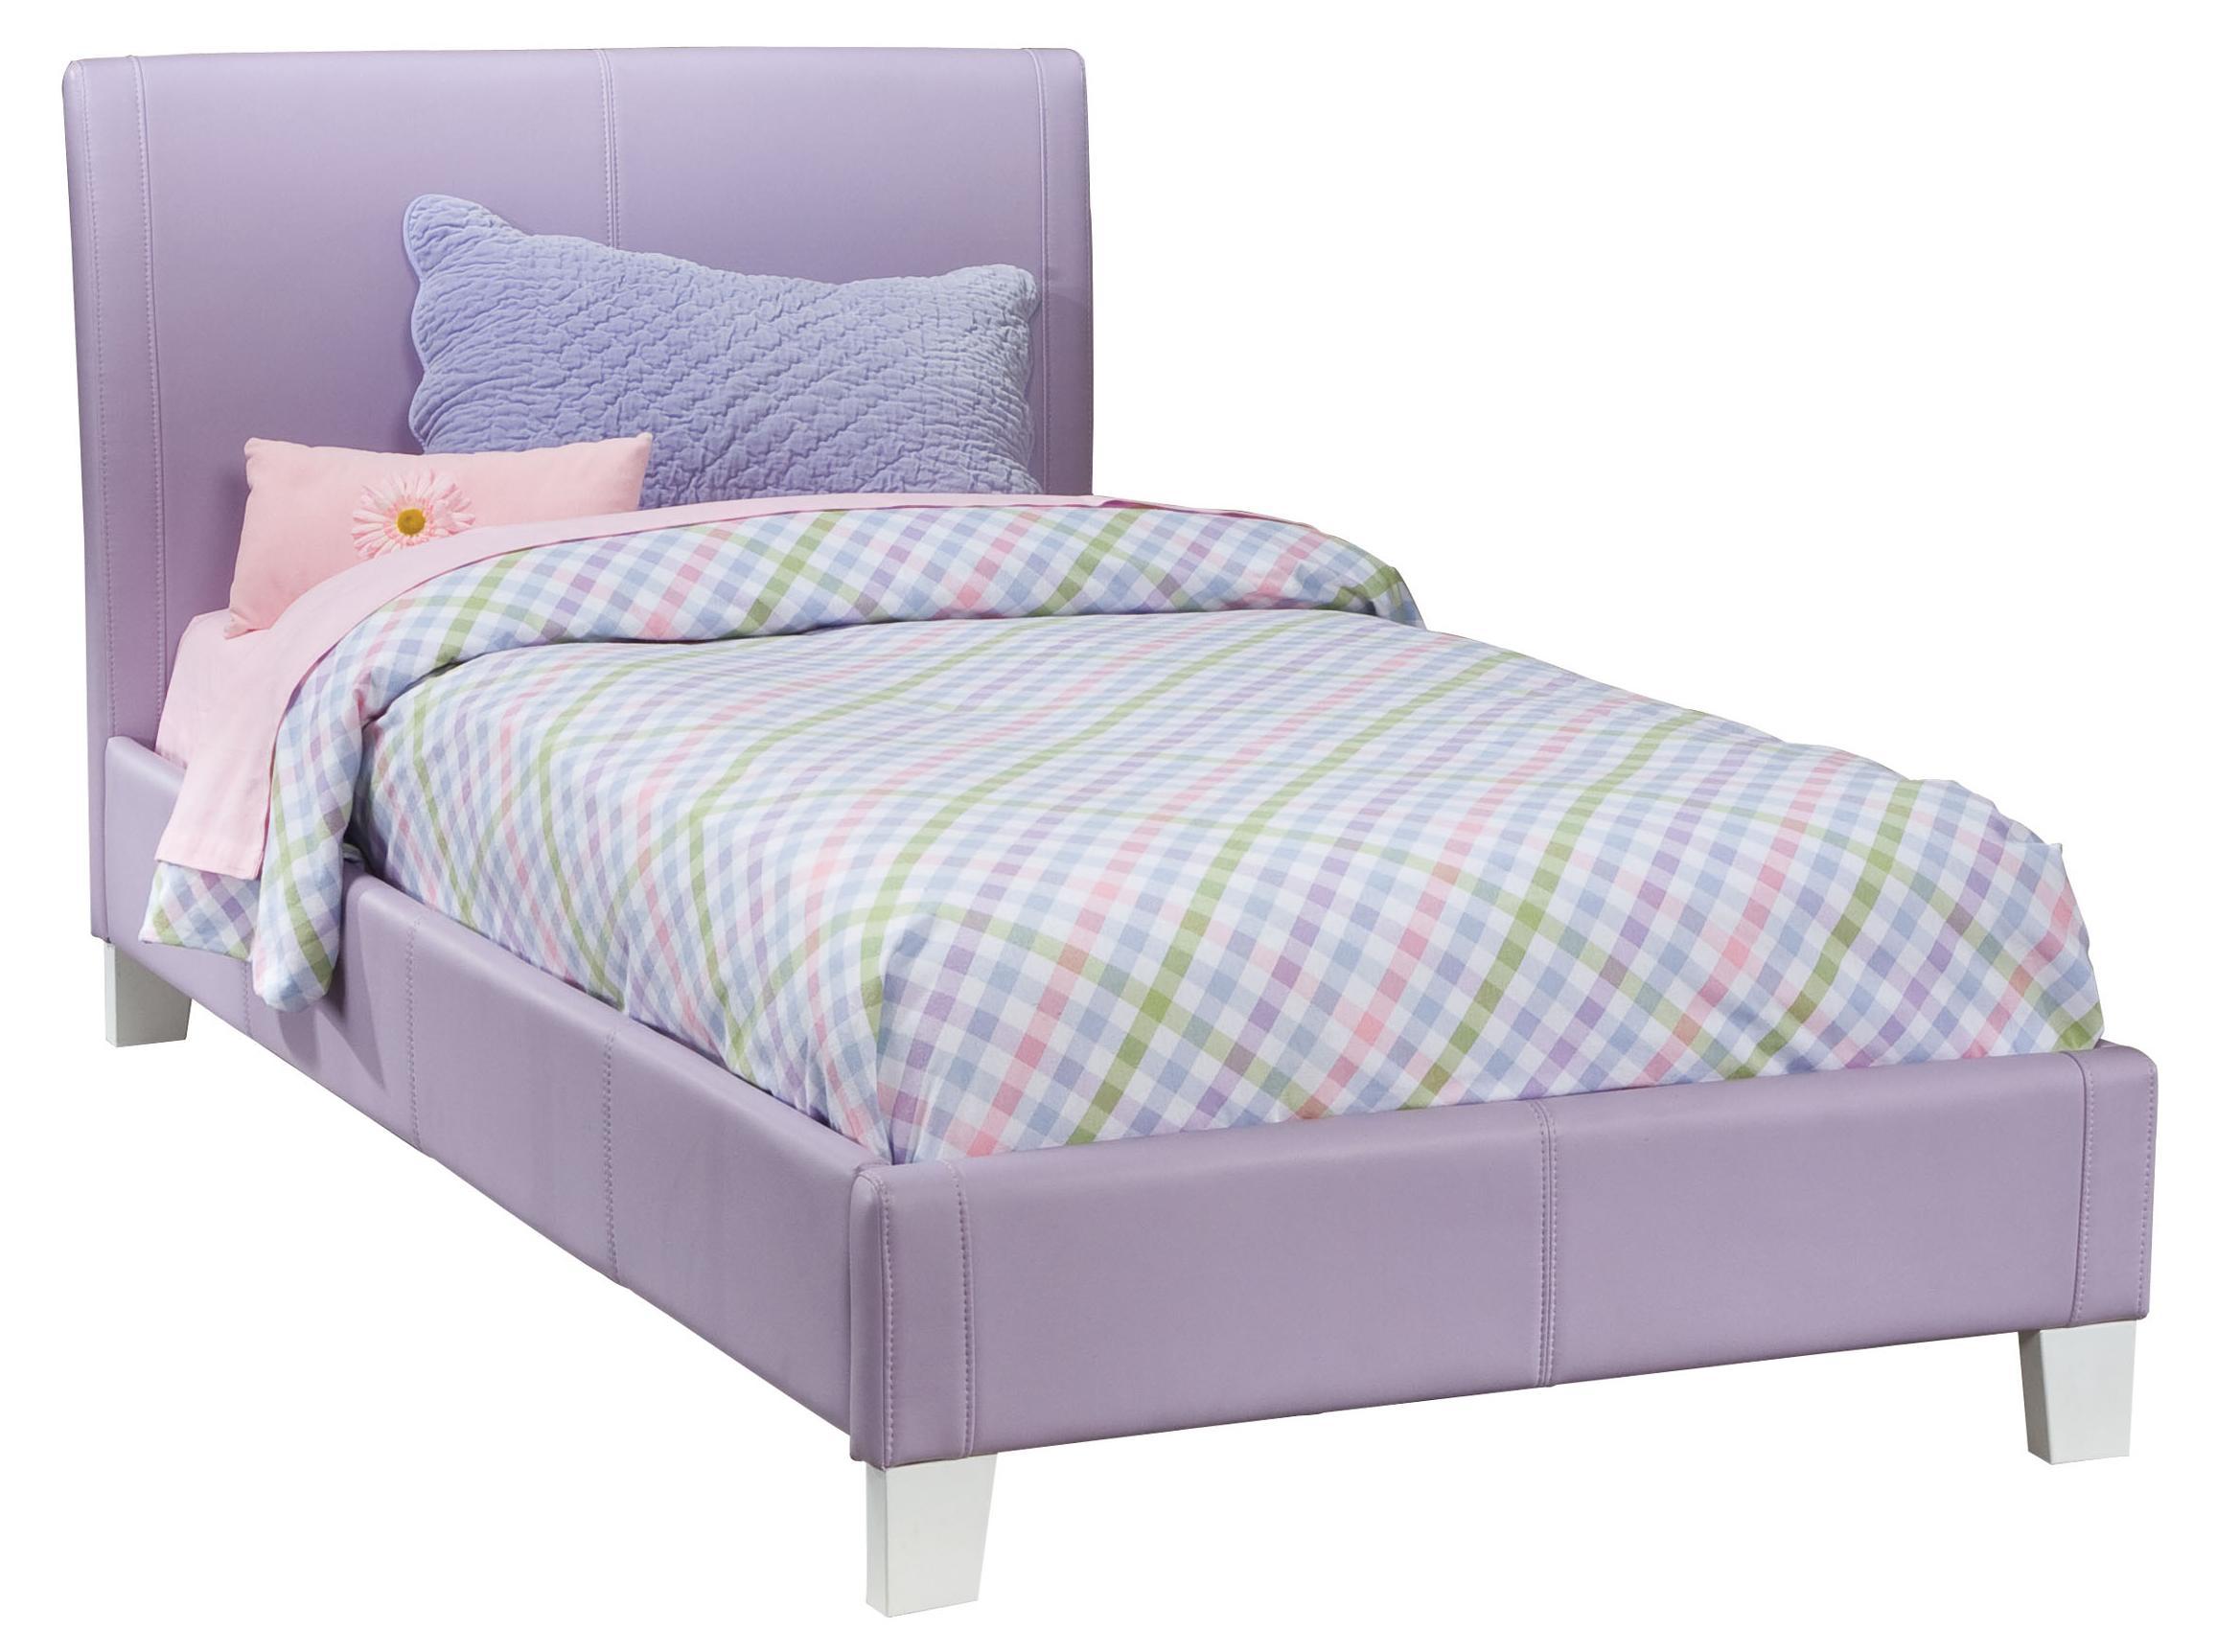 standard furniture fantasia twin upholstered youth bed dunk bright furniture upholstered bed. Black Bedroom Furniture Sets. Home Design Ideas